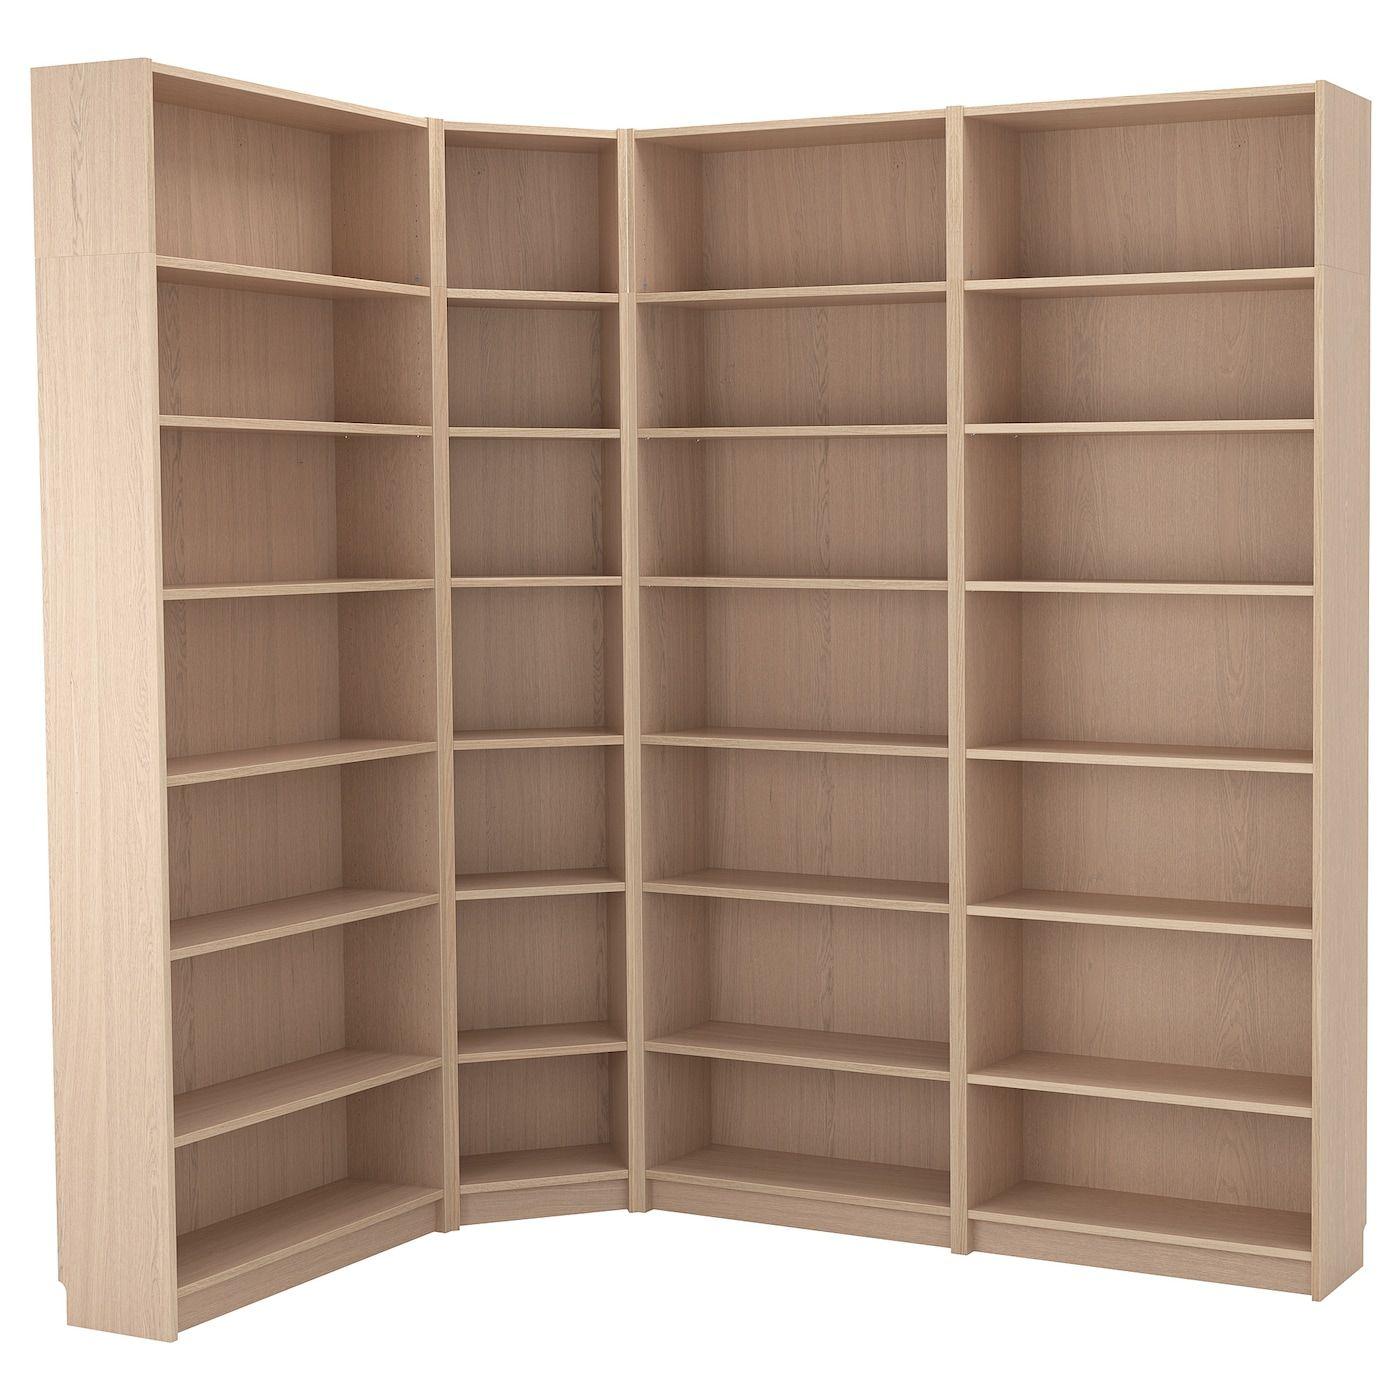 BILLY Bücherregal Eichenfurnier weiß lasiert IKEA